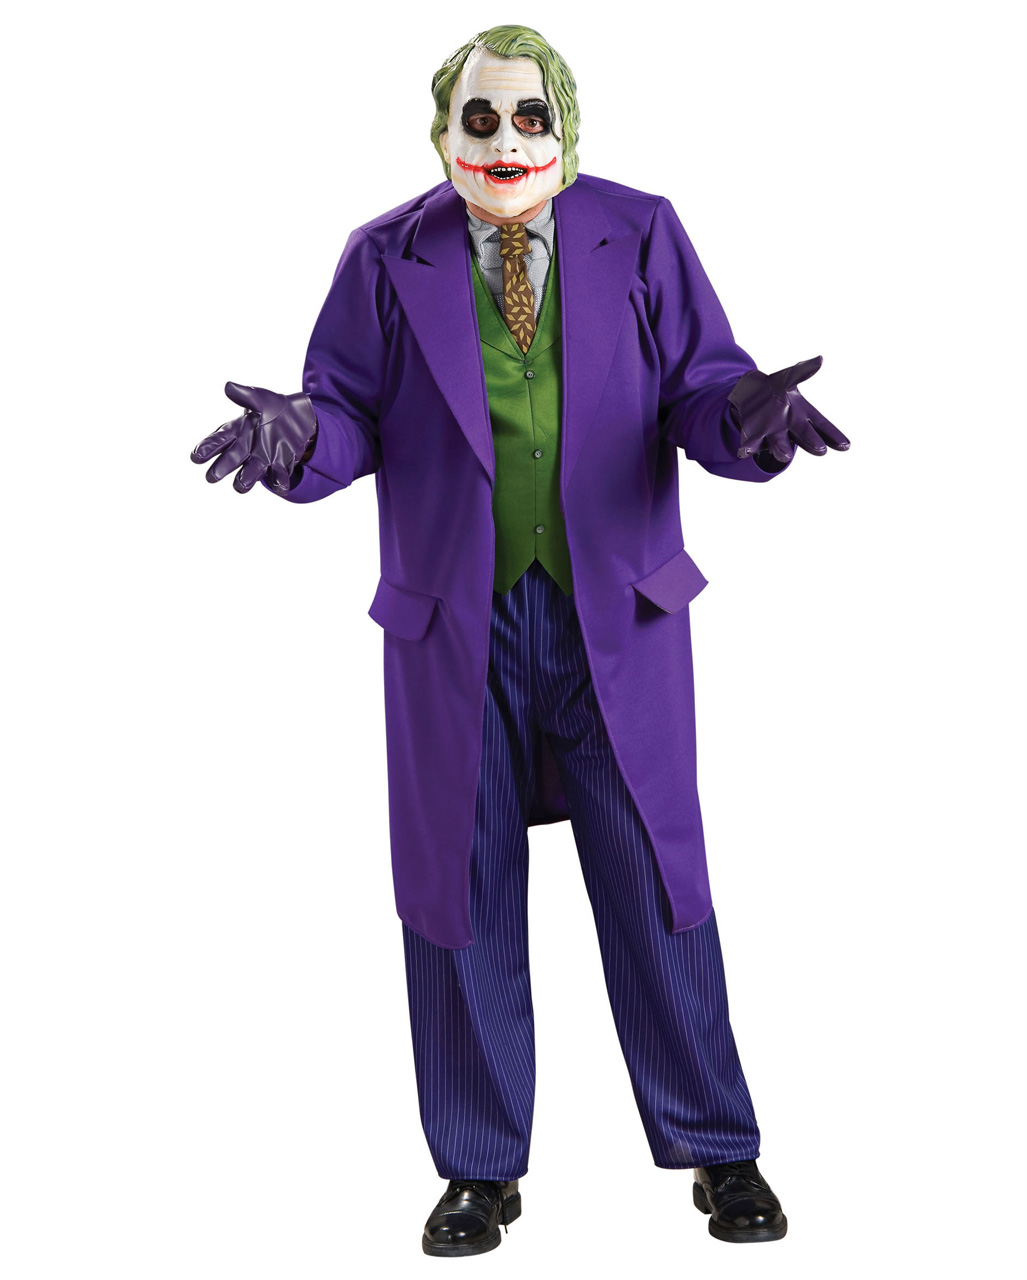 Joker Dark Knight Kostum Gr 52 54 Superhelden Kostume Kaufen